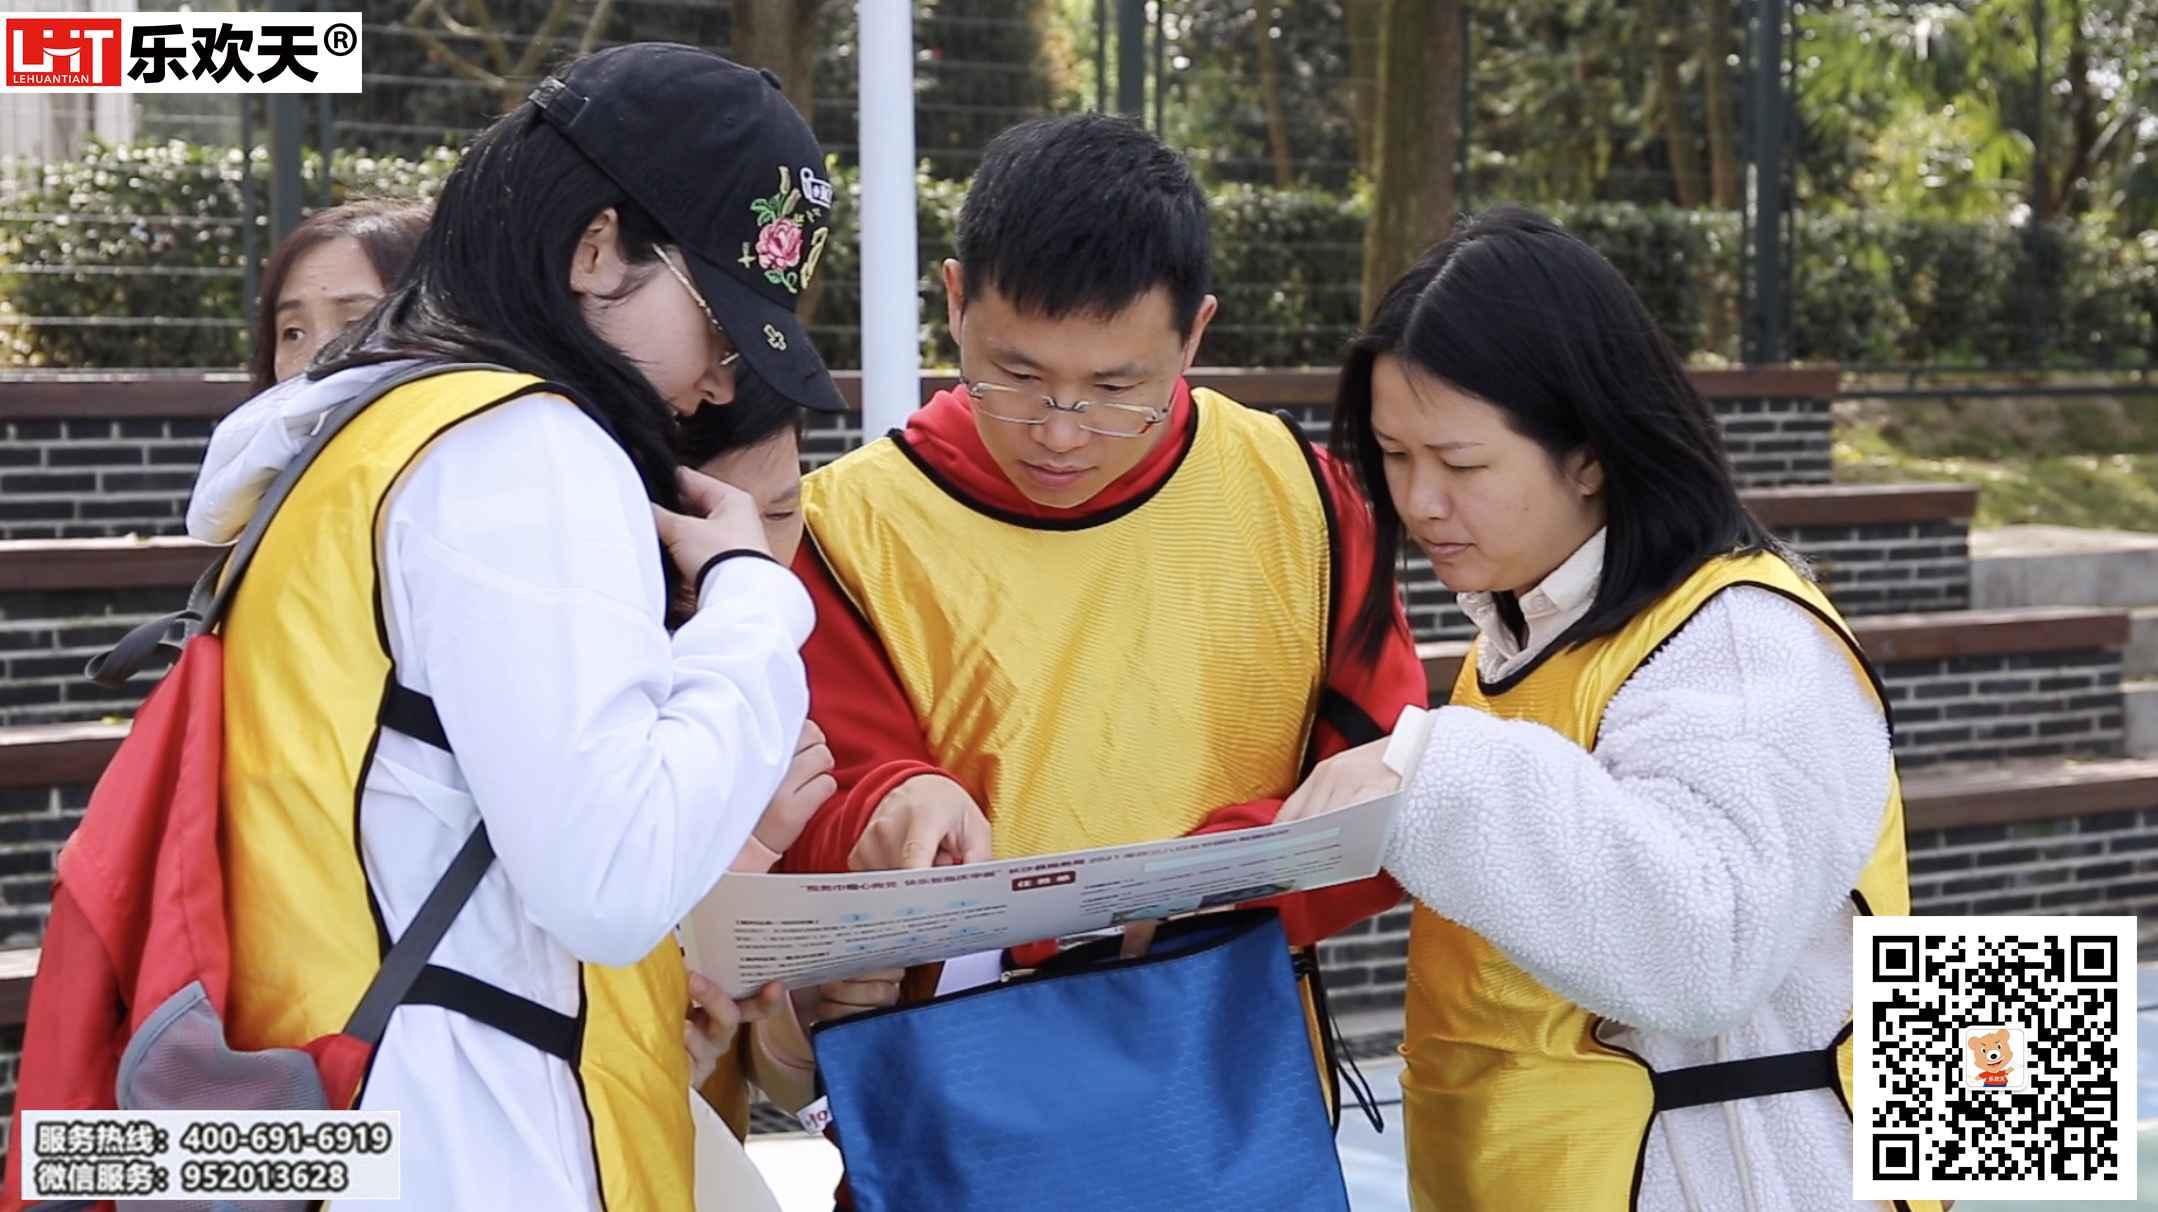 安顺县税务局庆三八妇女节团队智跑活动